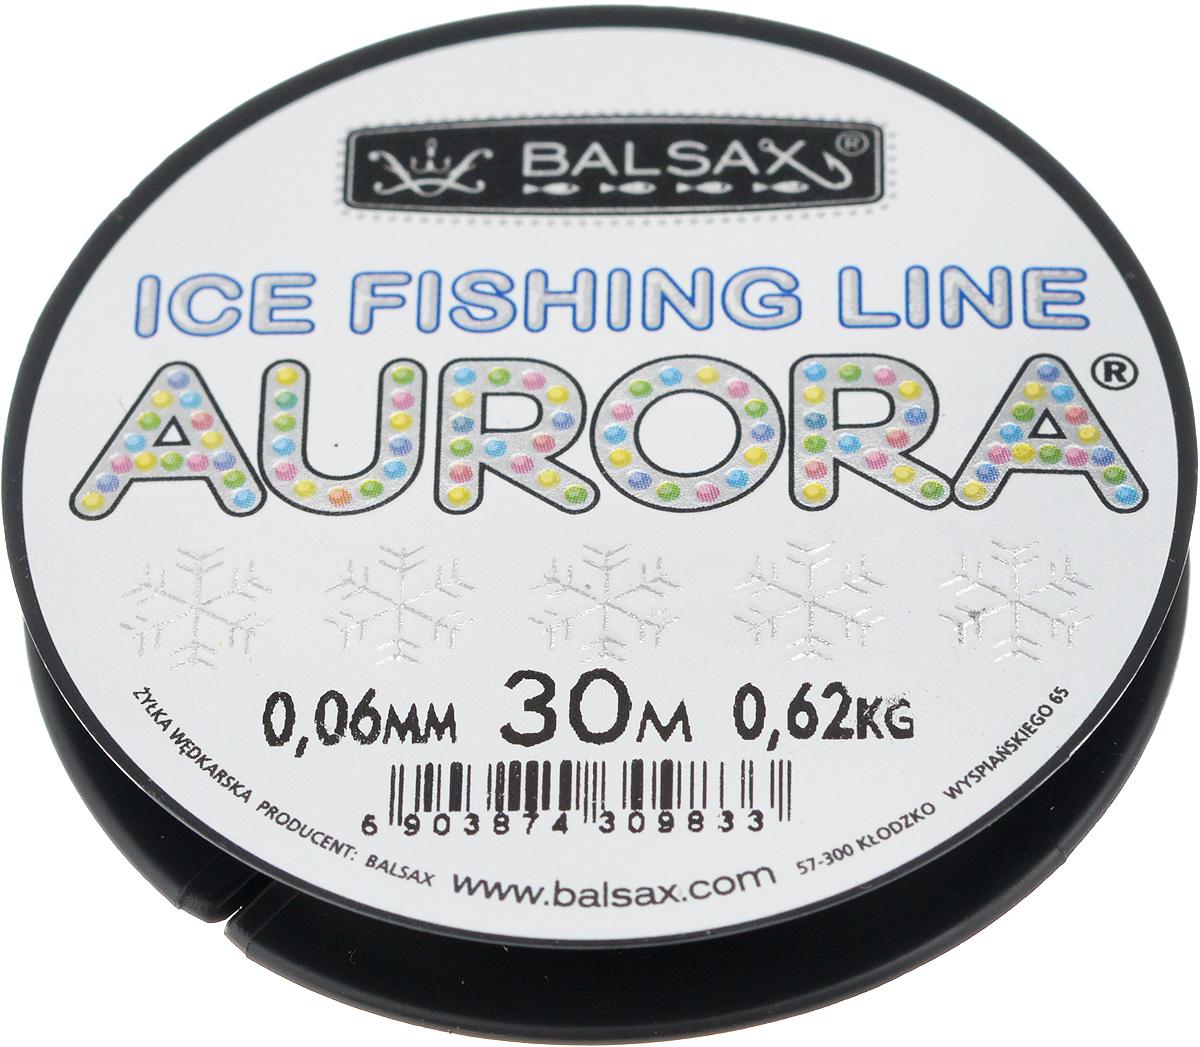 Леска зимняя Balsax Aurora, 30 м, 0,06 мм, 0,62 кг310-04006Леска Balsax Aurora изготовлена из 100% нейлона и очень хорошо выдерживает низкие температуры. Даже в самом холодном климате, при температуре вплоть до -40°C, она сохраняет свои свойства практически без изменений, в то время как традиционные лески становятся менее эластичными и теряют прочность. Поверхность лески обработана таким образом, что она не обмерзает и отлично подходит для подледного лова. Прочна в местах вязки узлов даже при минимальном диаметре.